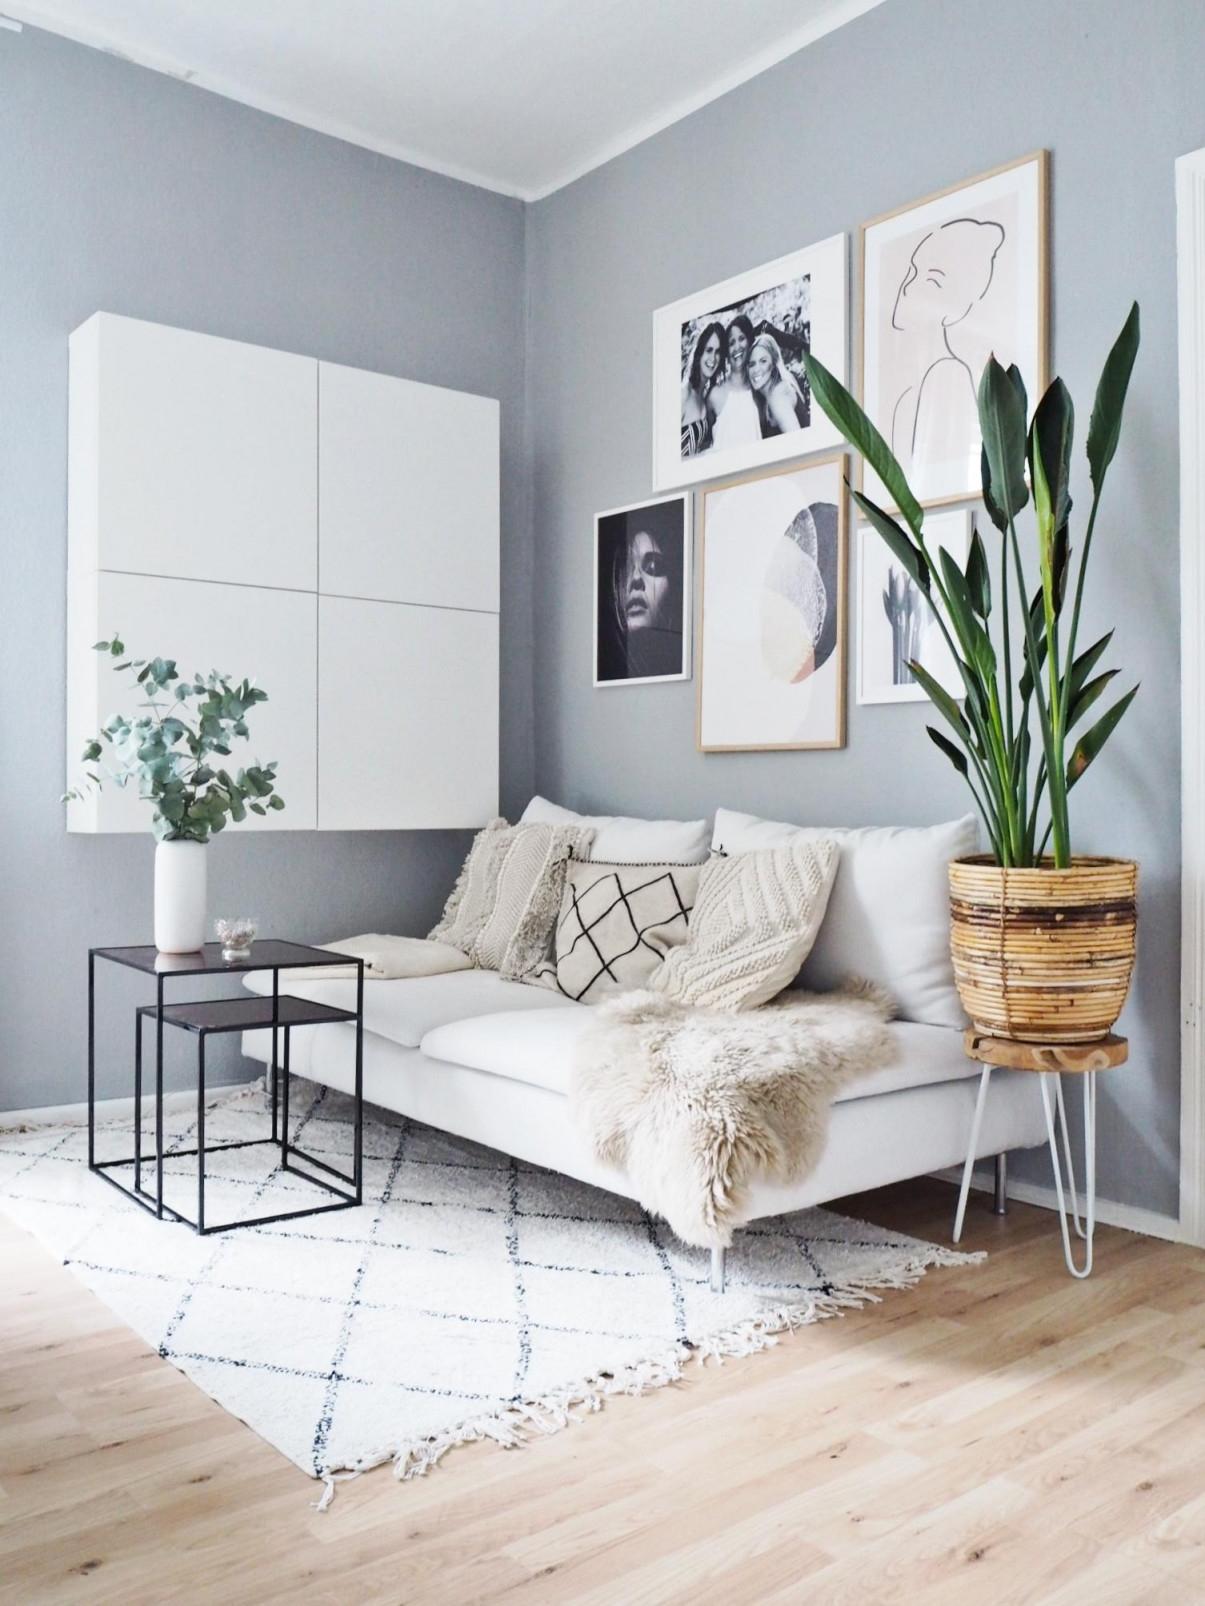 Bilderwandideen Inspiration Bei Couch von Bilder Wohnzimmer Ideen Bild